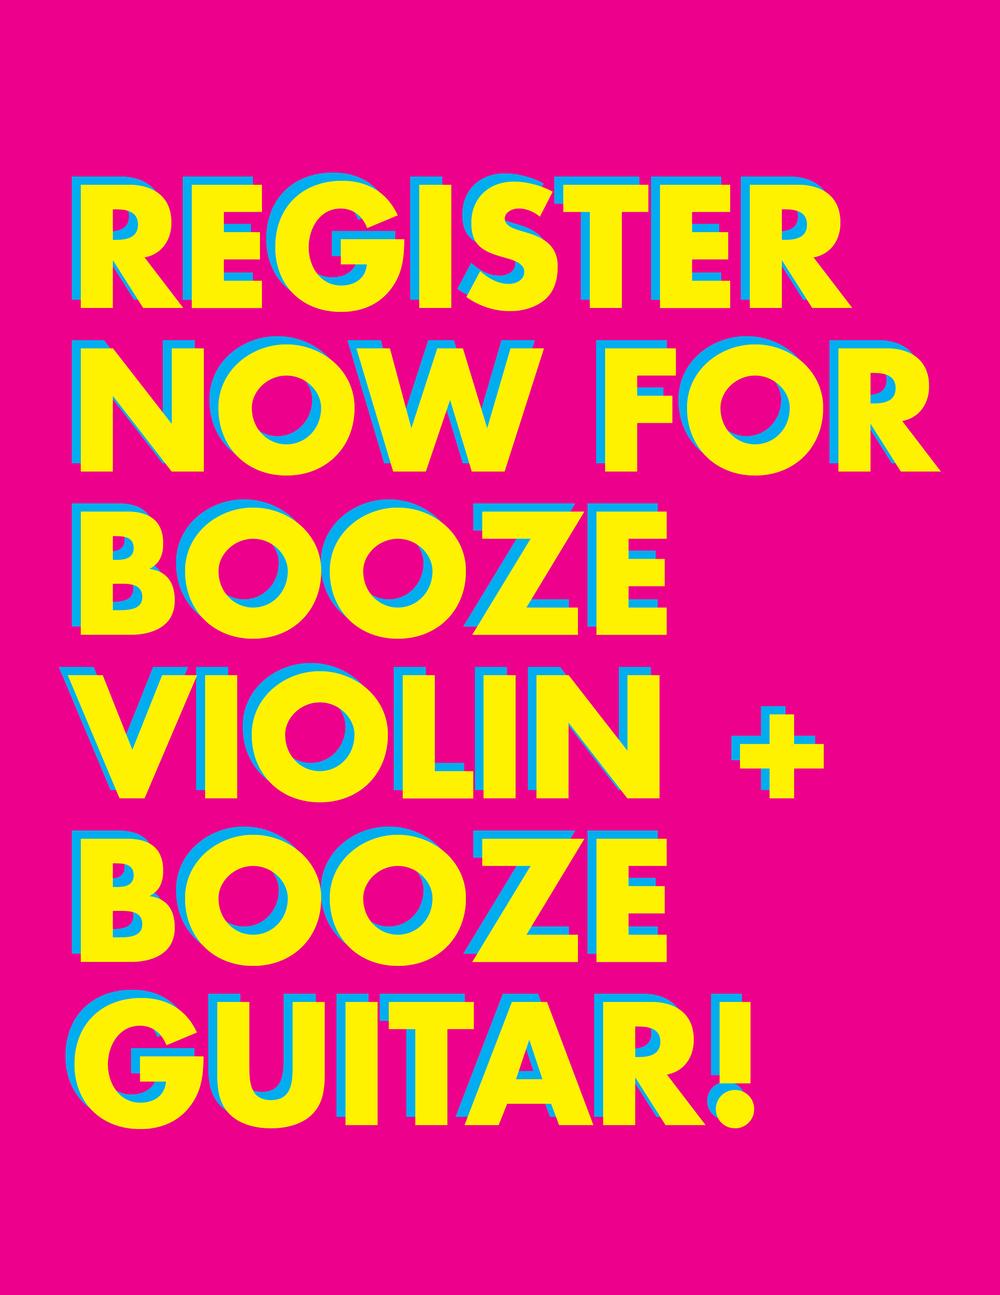 Booze+Violin.jpg